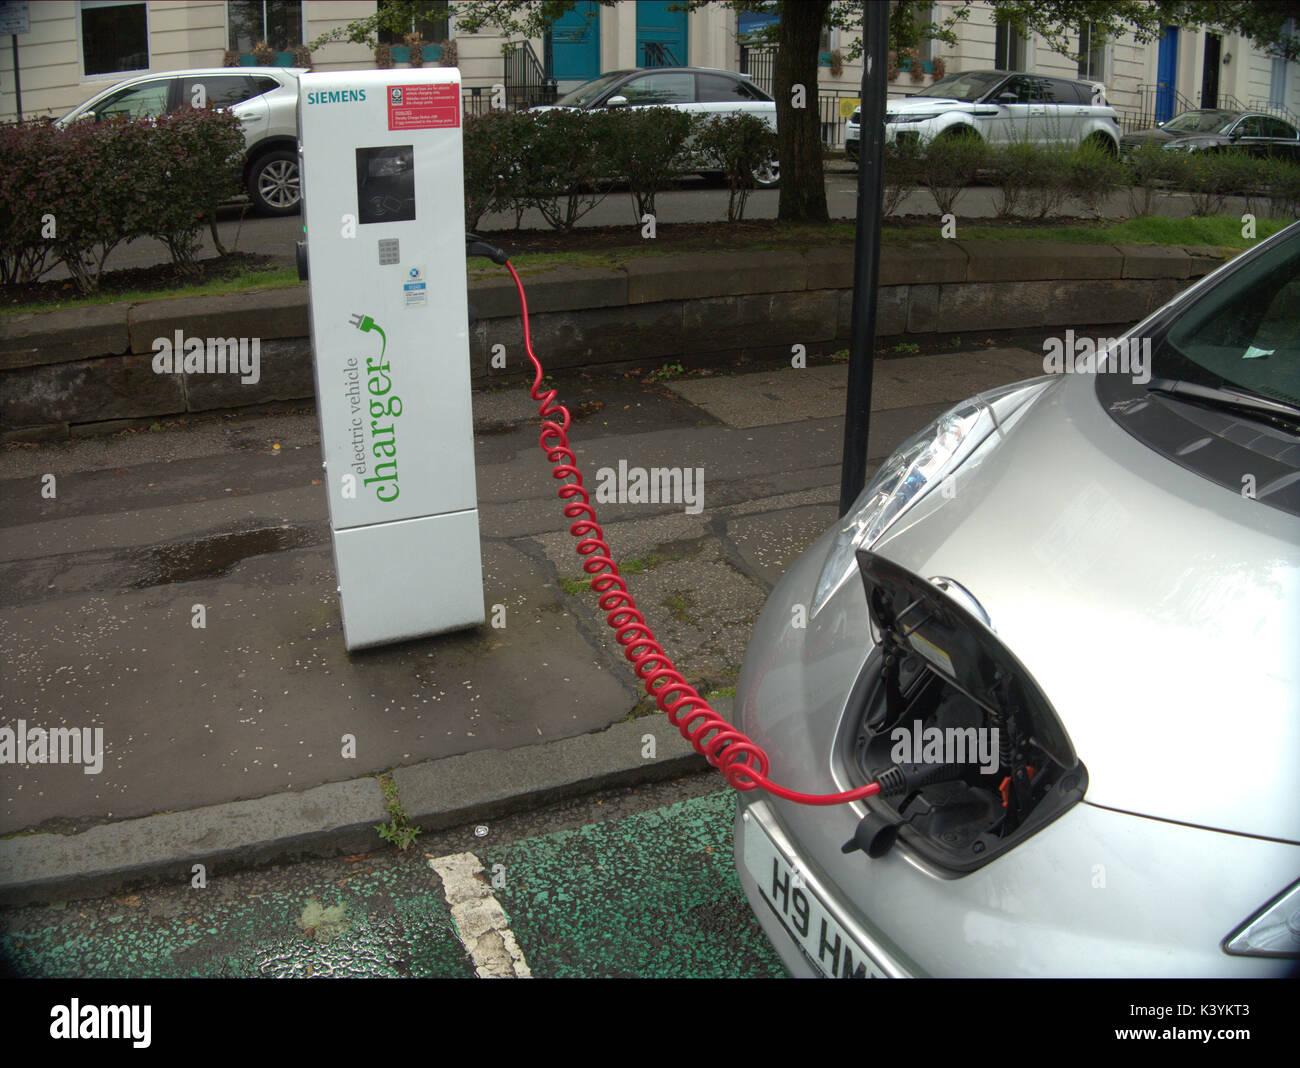 Großartig Elektrische Heißwassersysteme Uk Ideen - Schaltplan Serie ...